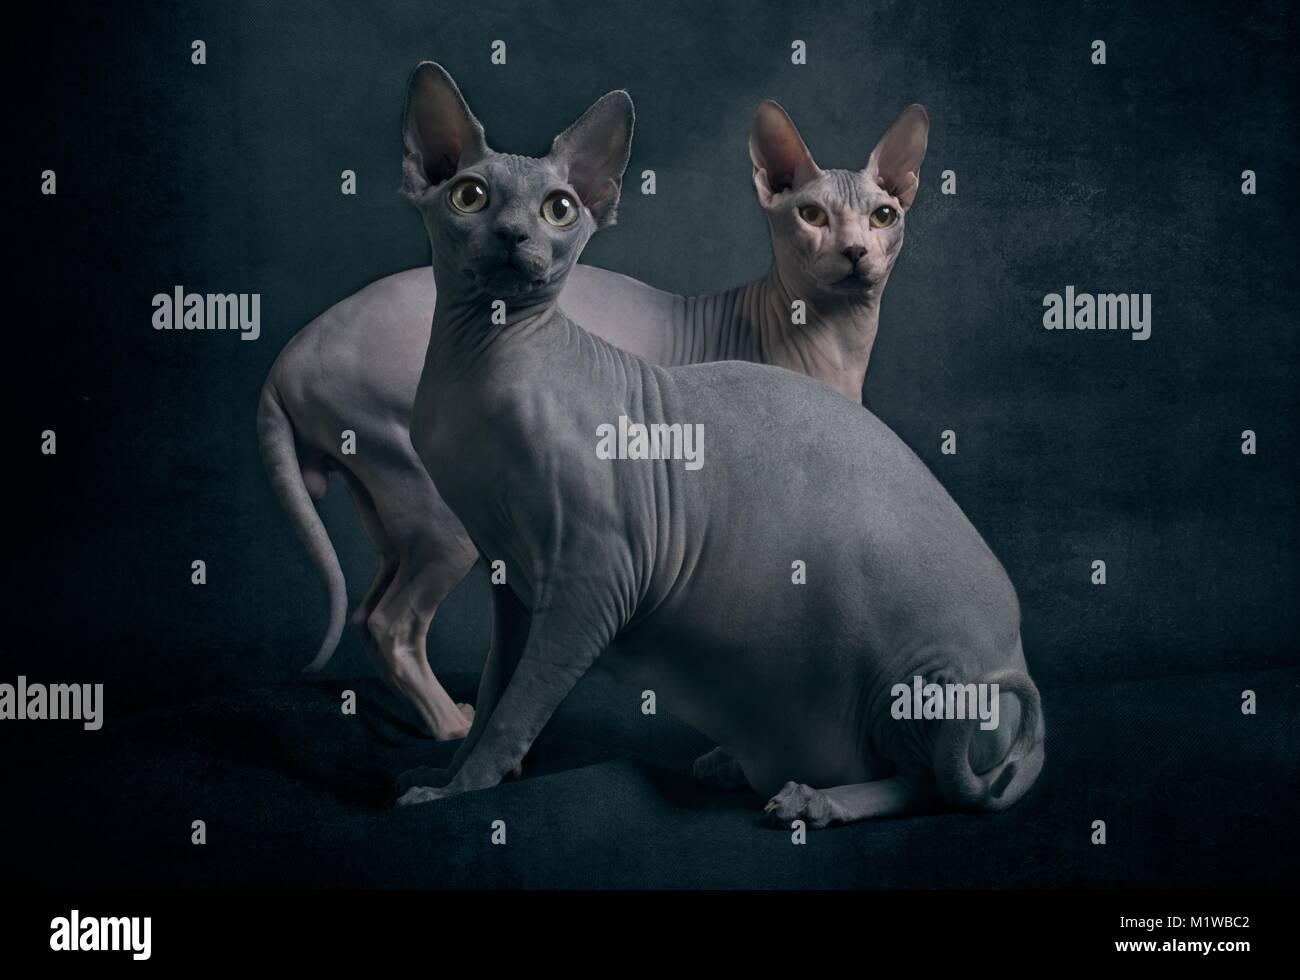 Deux Sphynx mignon sur fond sombre Photo Stock